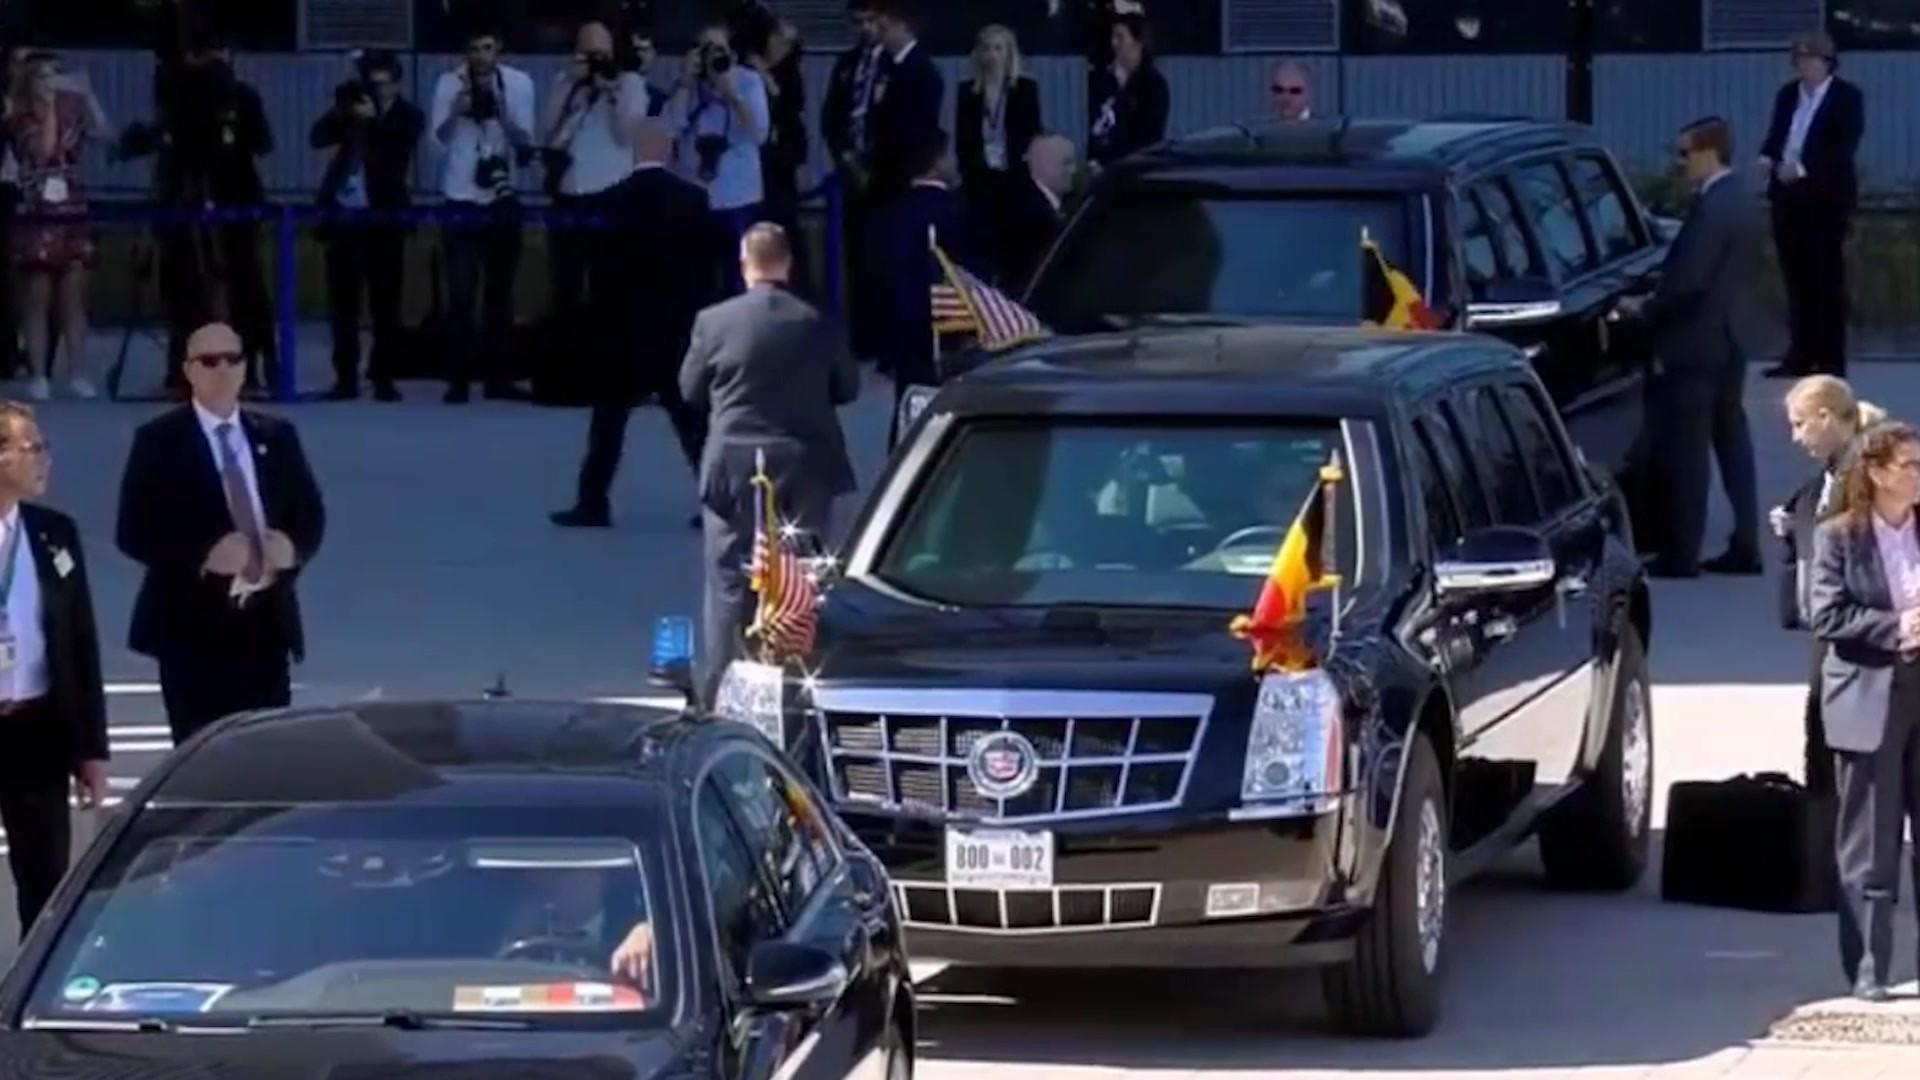 奥巴马总统专车出行,两辆专车一前一后,根本不知道他坐的哪辆